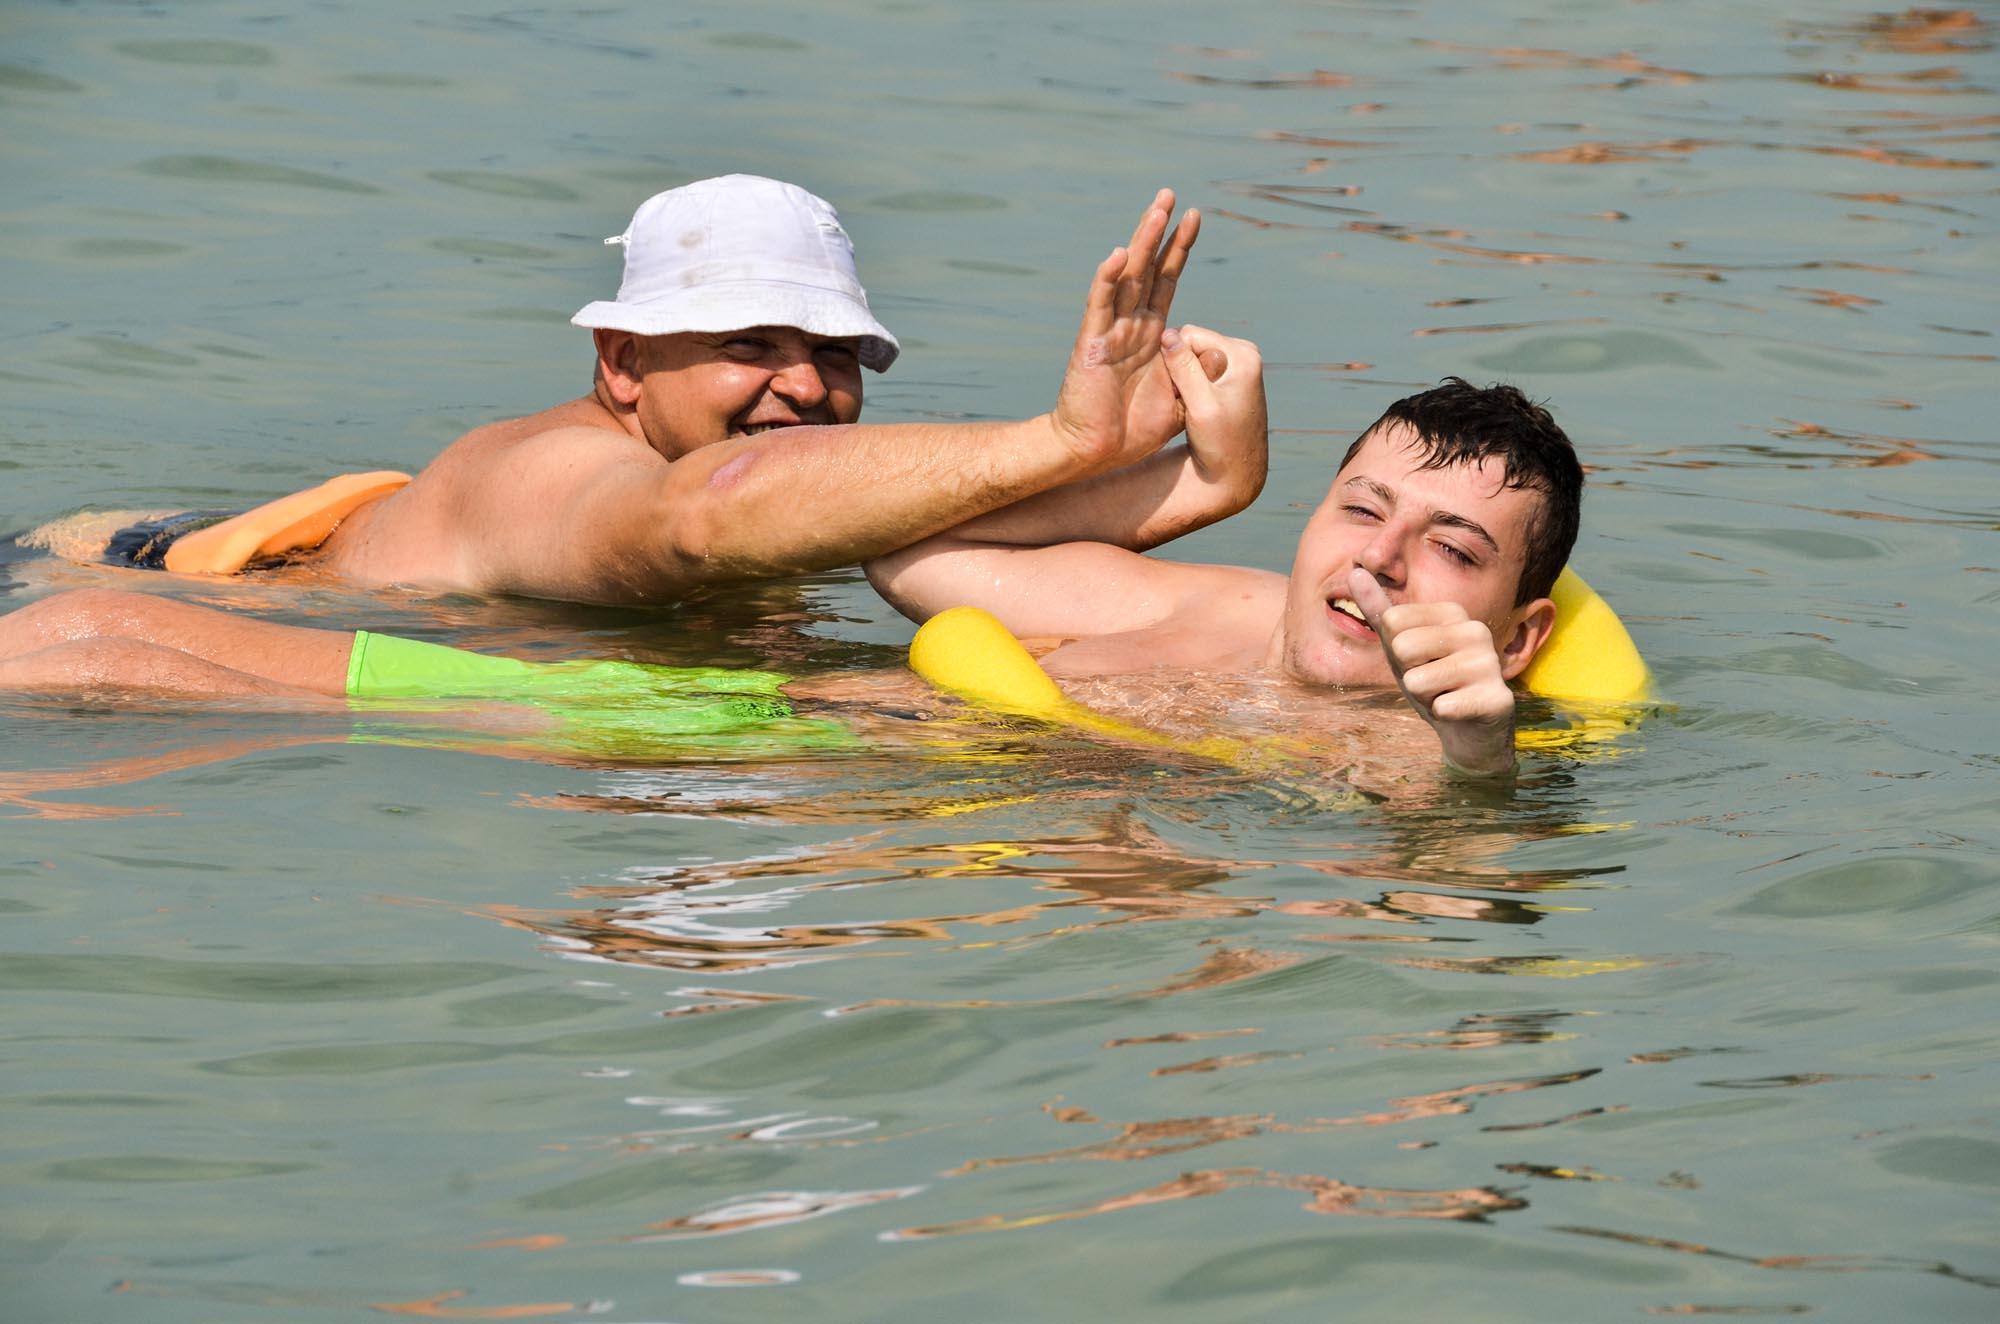 0145 Assistenza in spiaggia alle persone con disabilita 2 - Assistenza disabili in spiaggia, tutti al mare